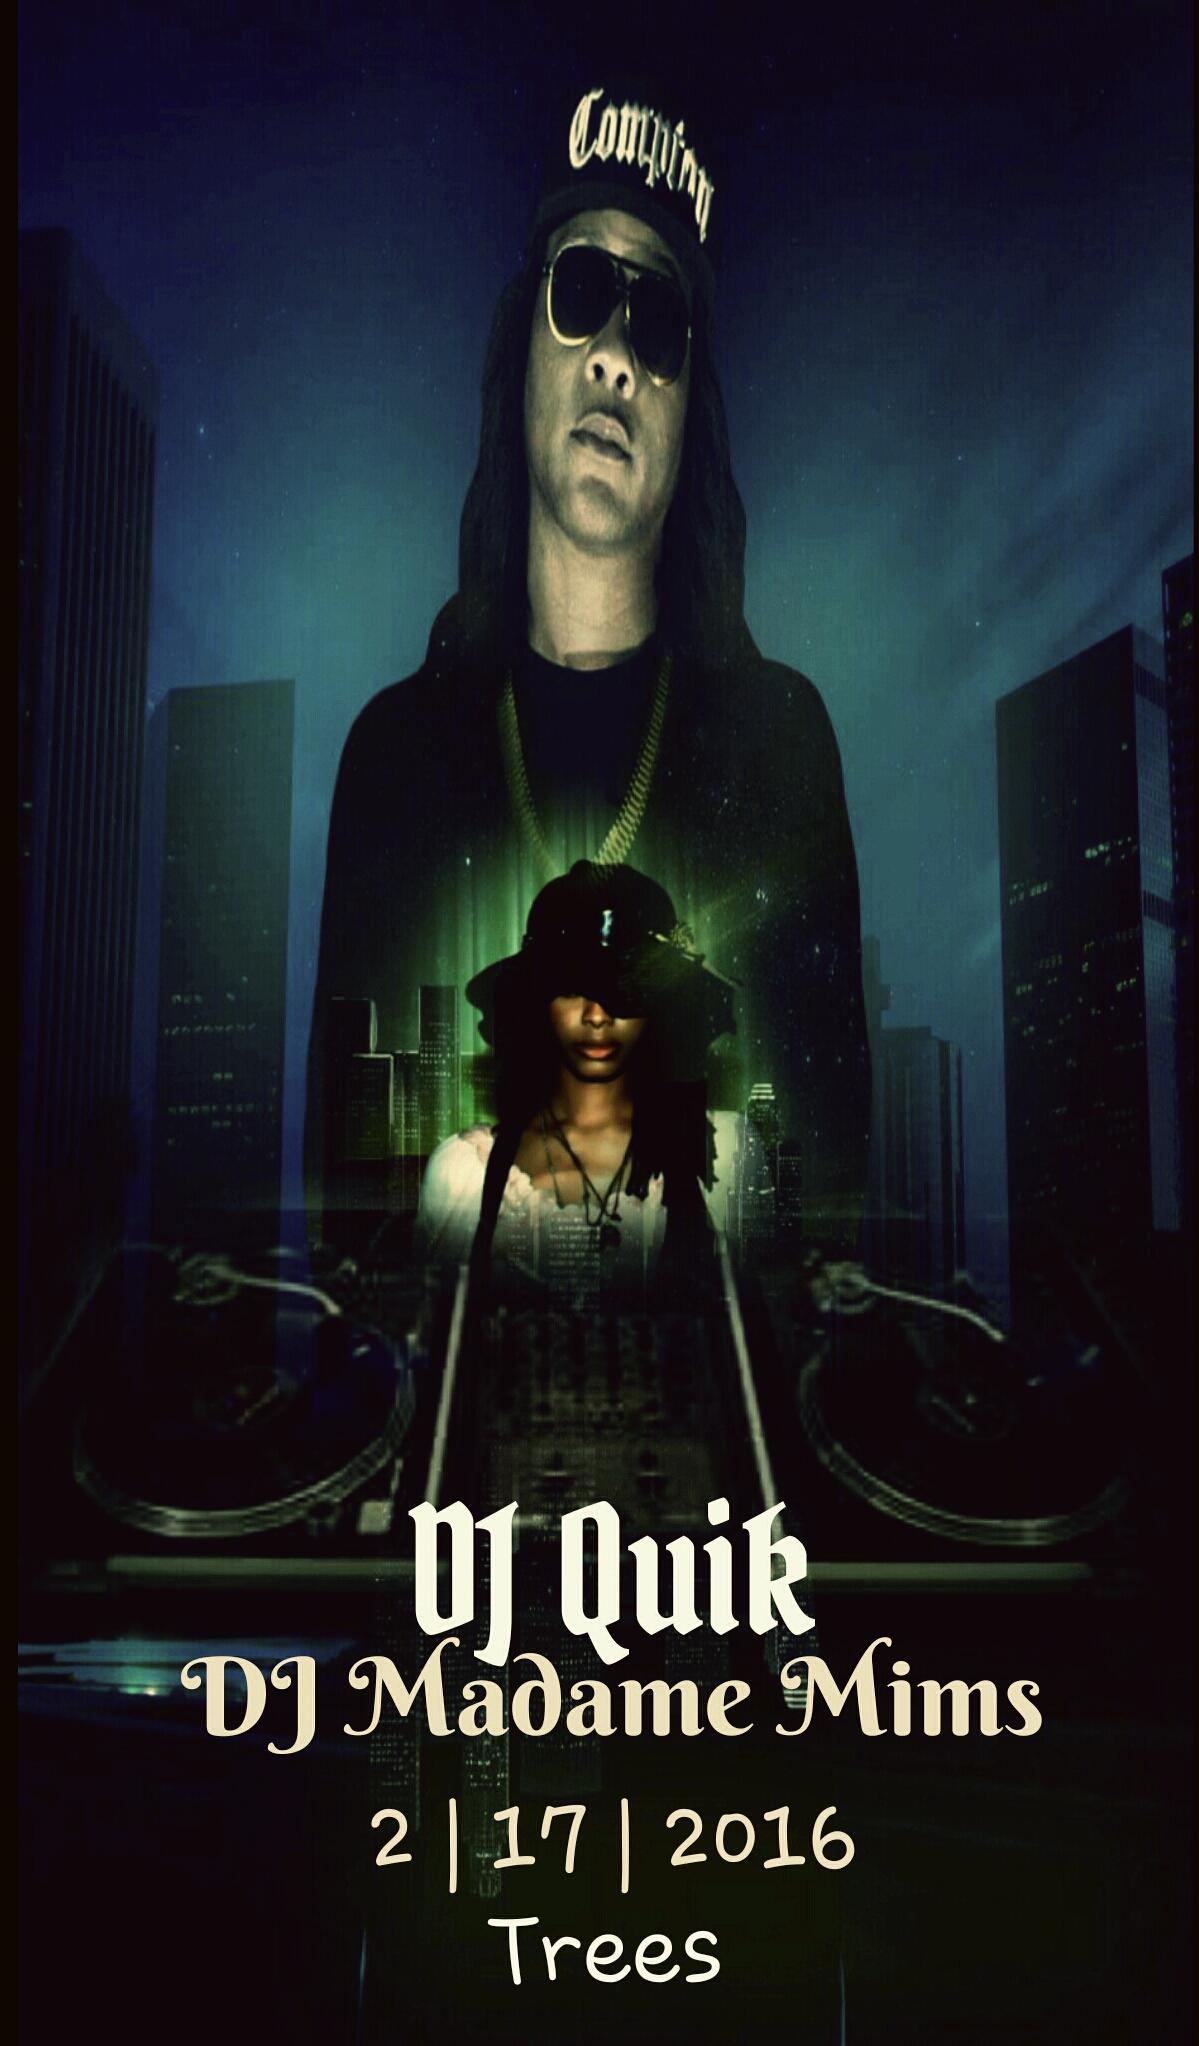 Dj Quik & Madame Mims 2.17